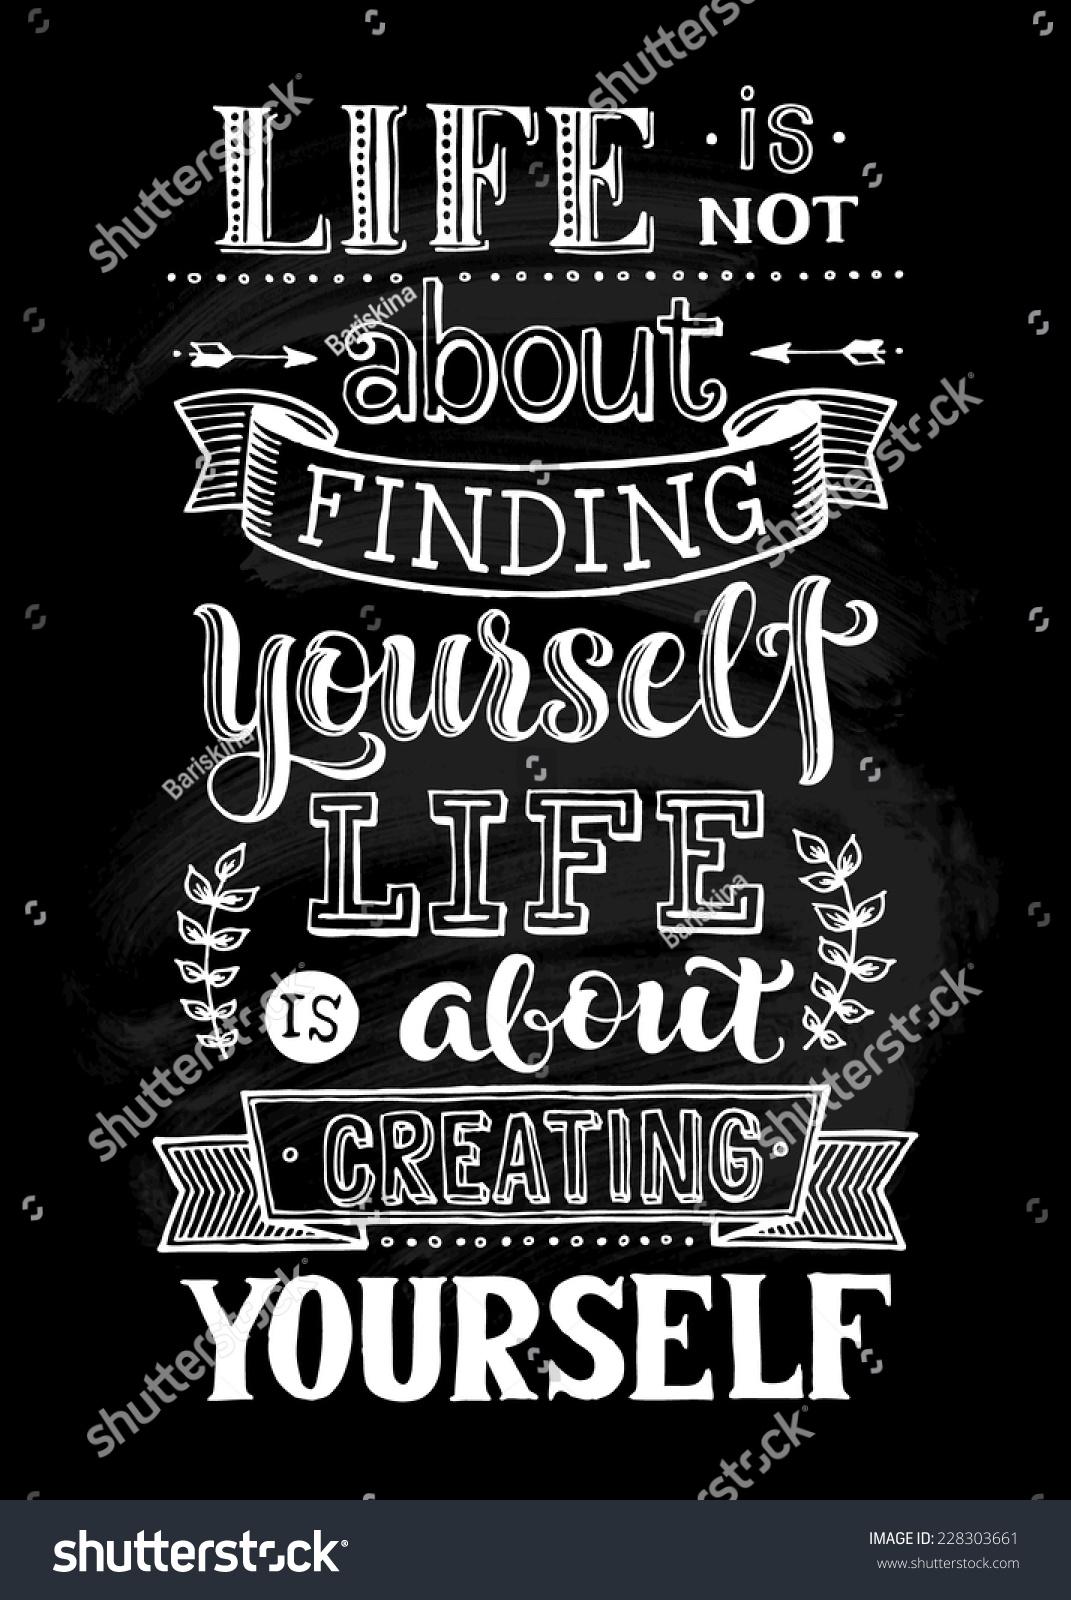 用手画的矢量插图.生活不是要找到你自己图片